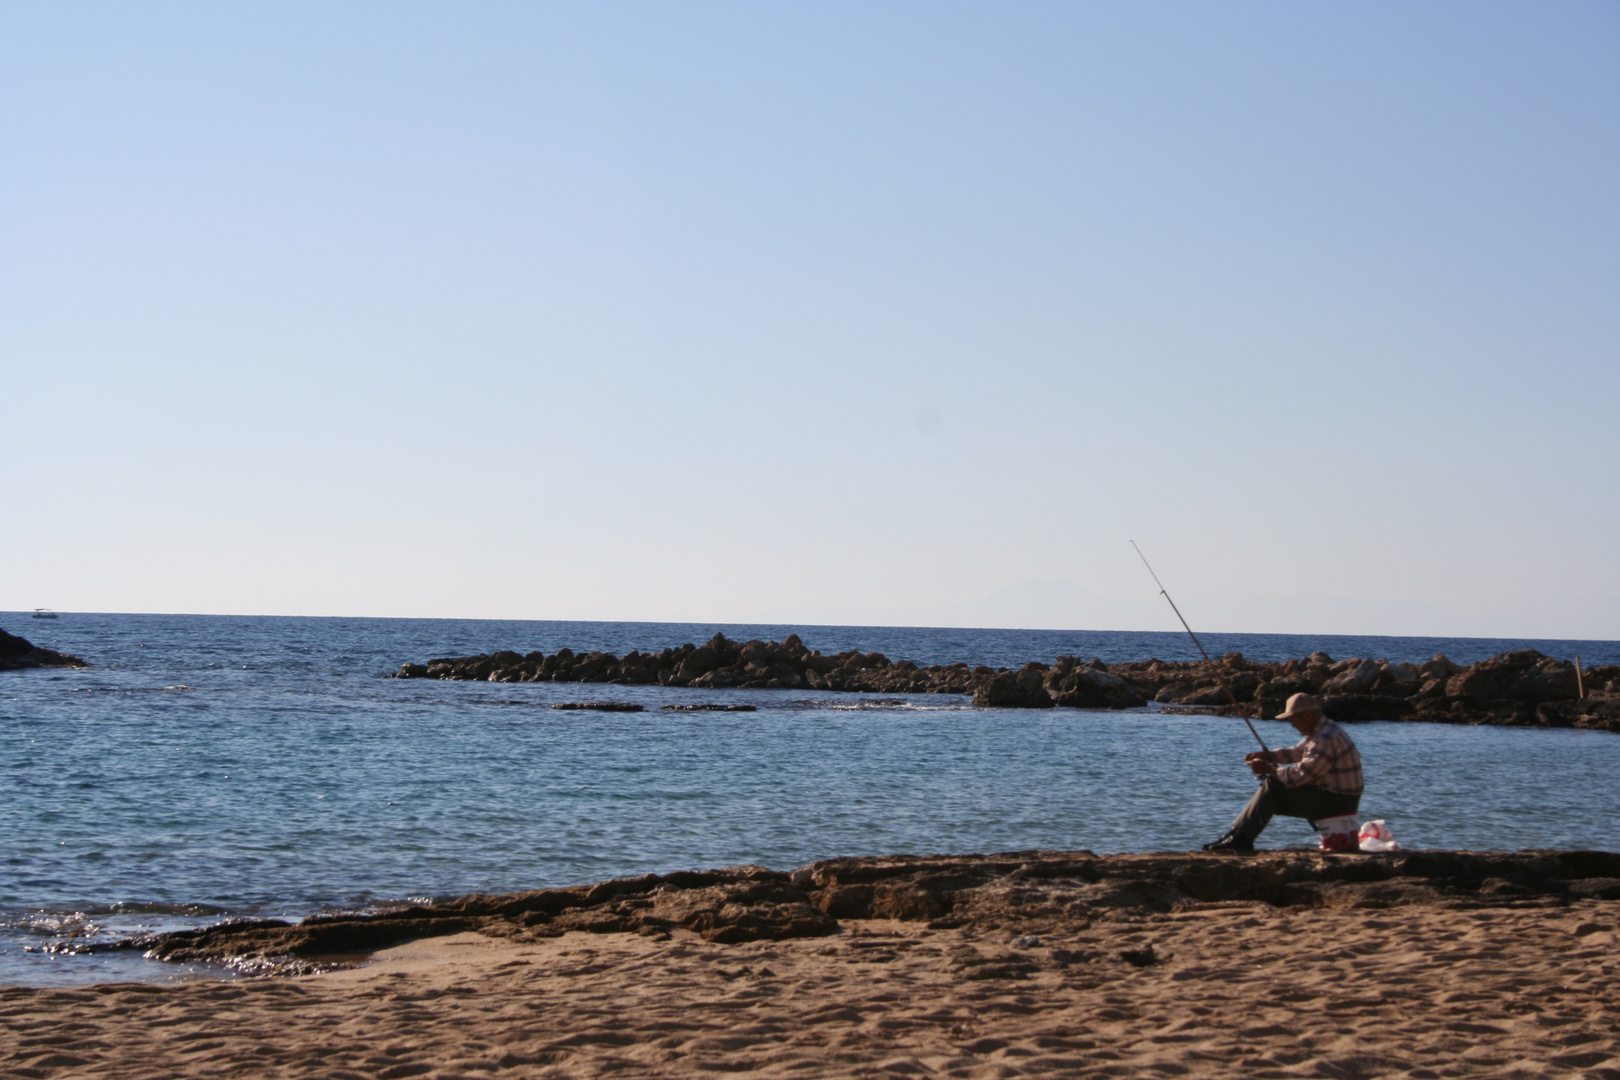 Der Angler am Meer